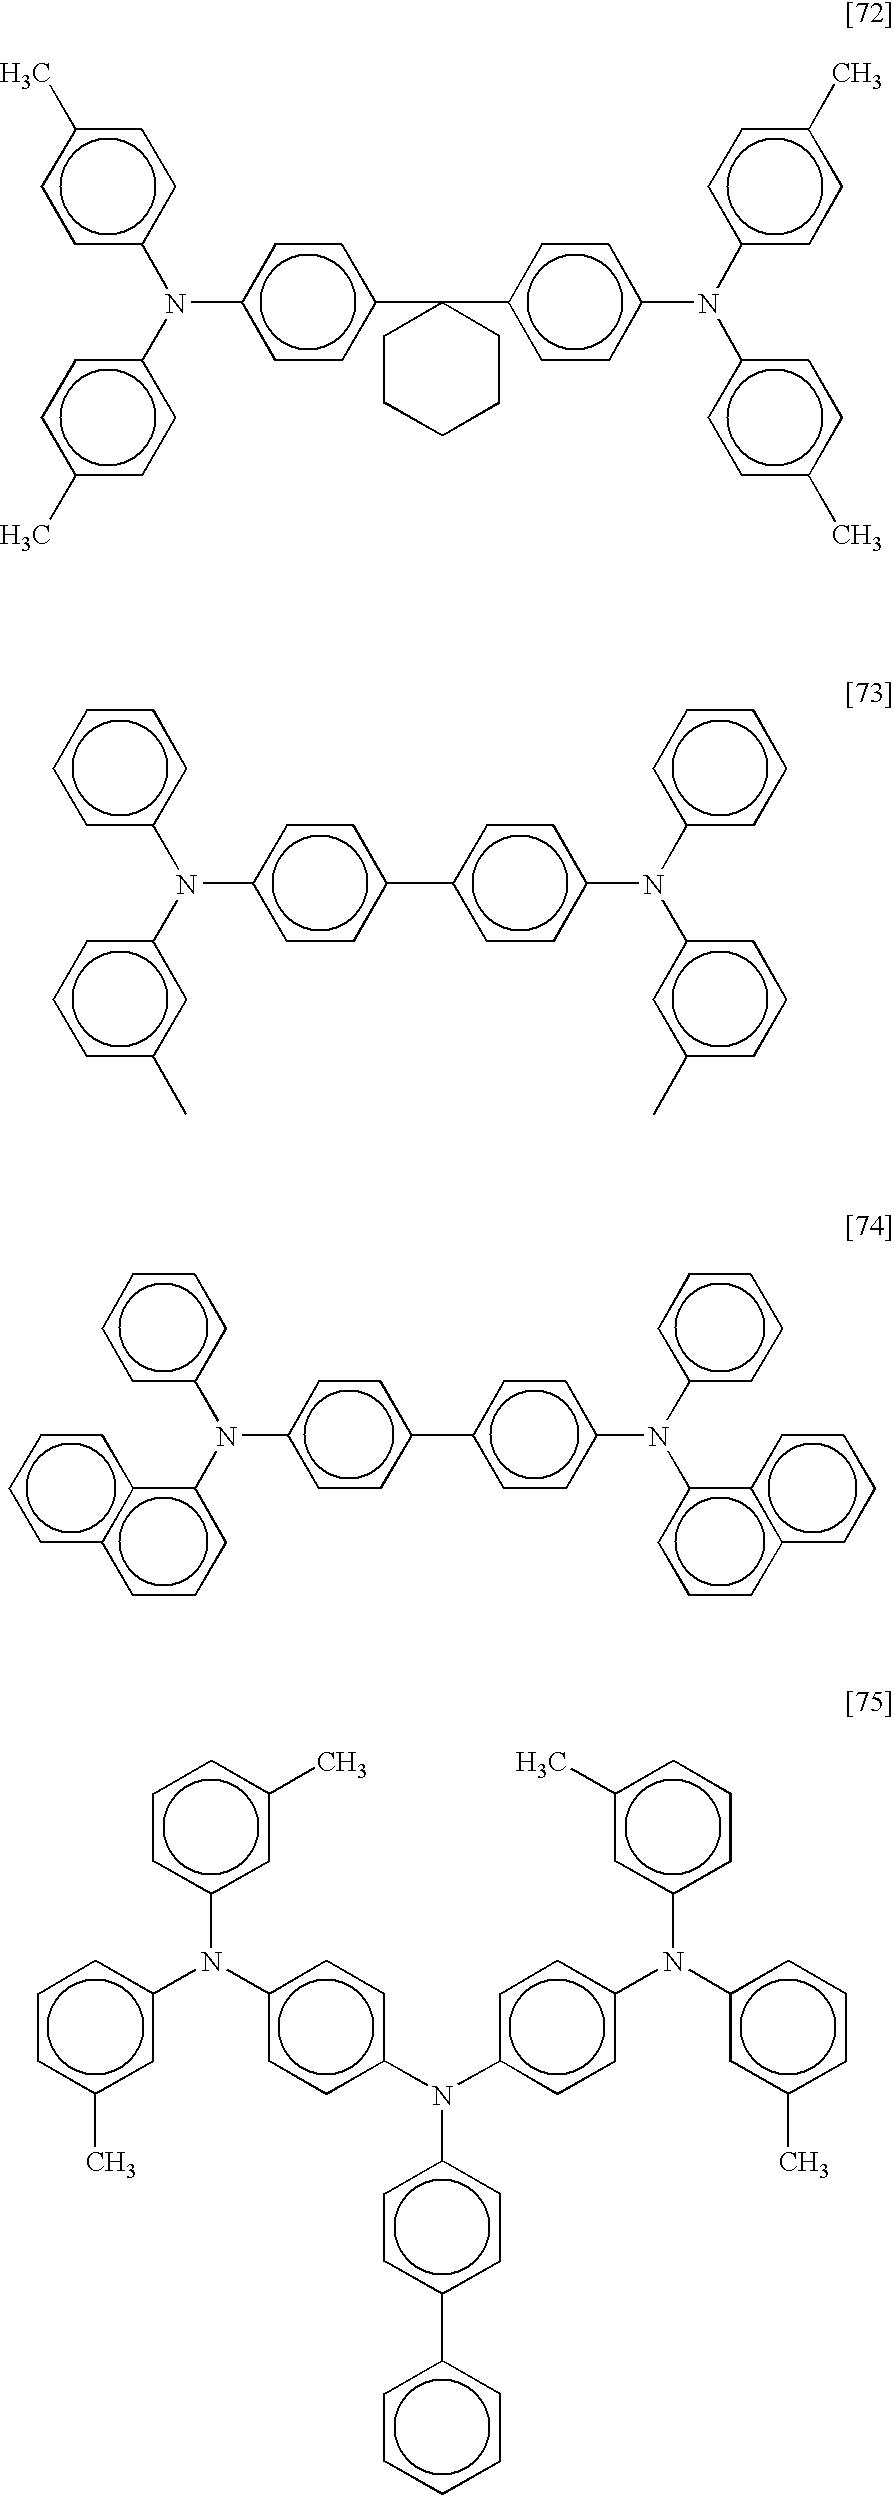 Figure US08349472-20130108-C00020